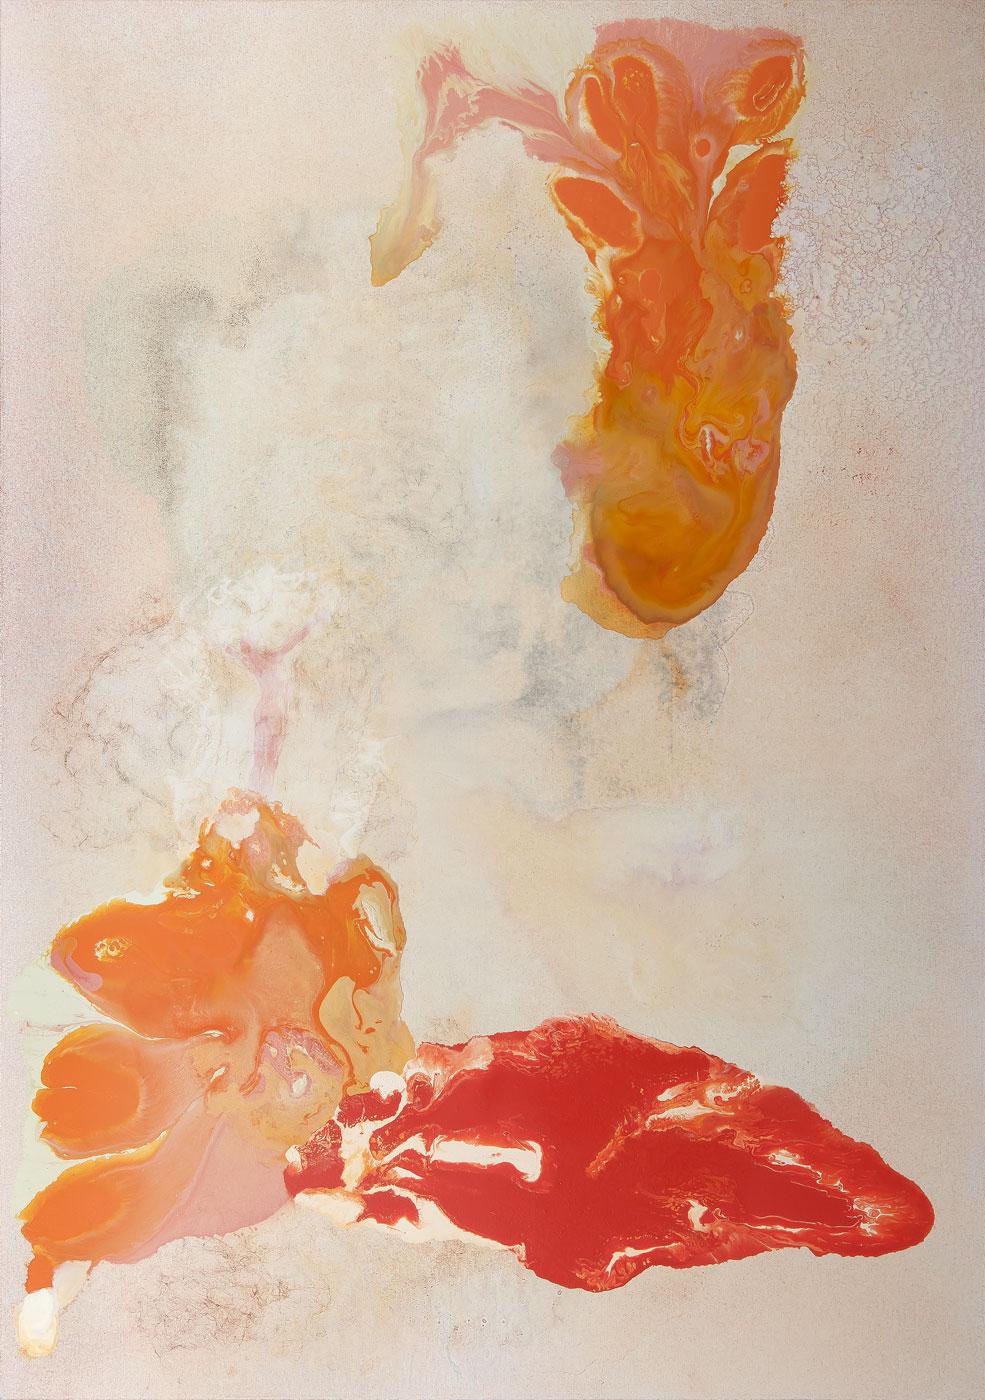 Přízrak, akryl a olej na plátně, 170x120 cm, 2015-2017